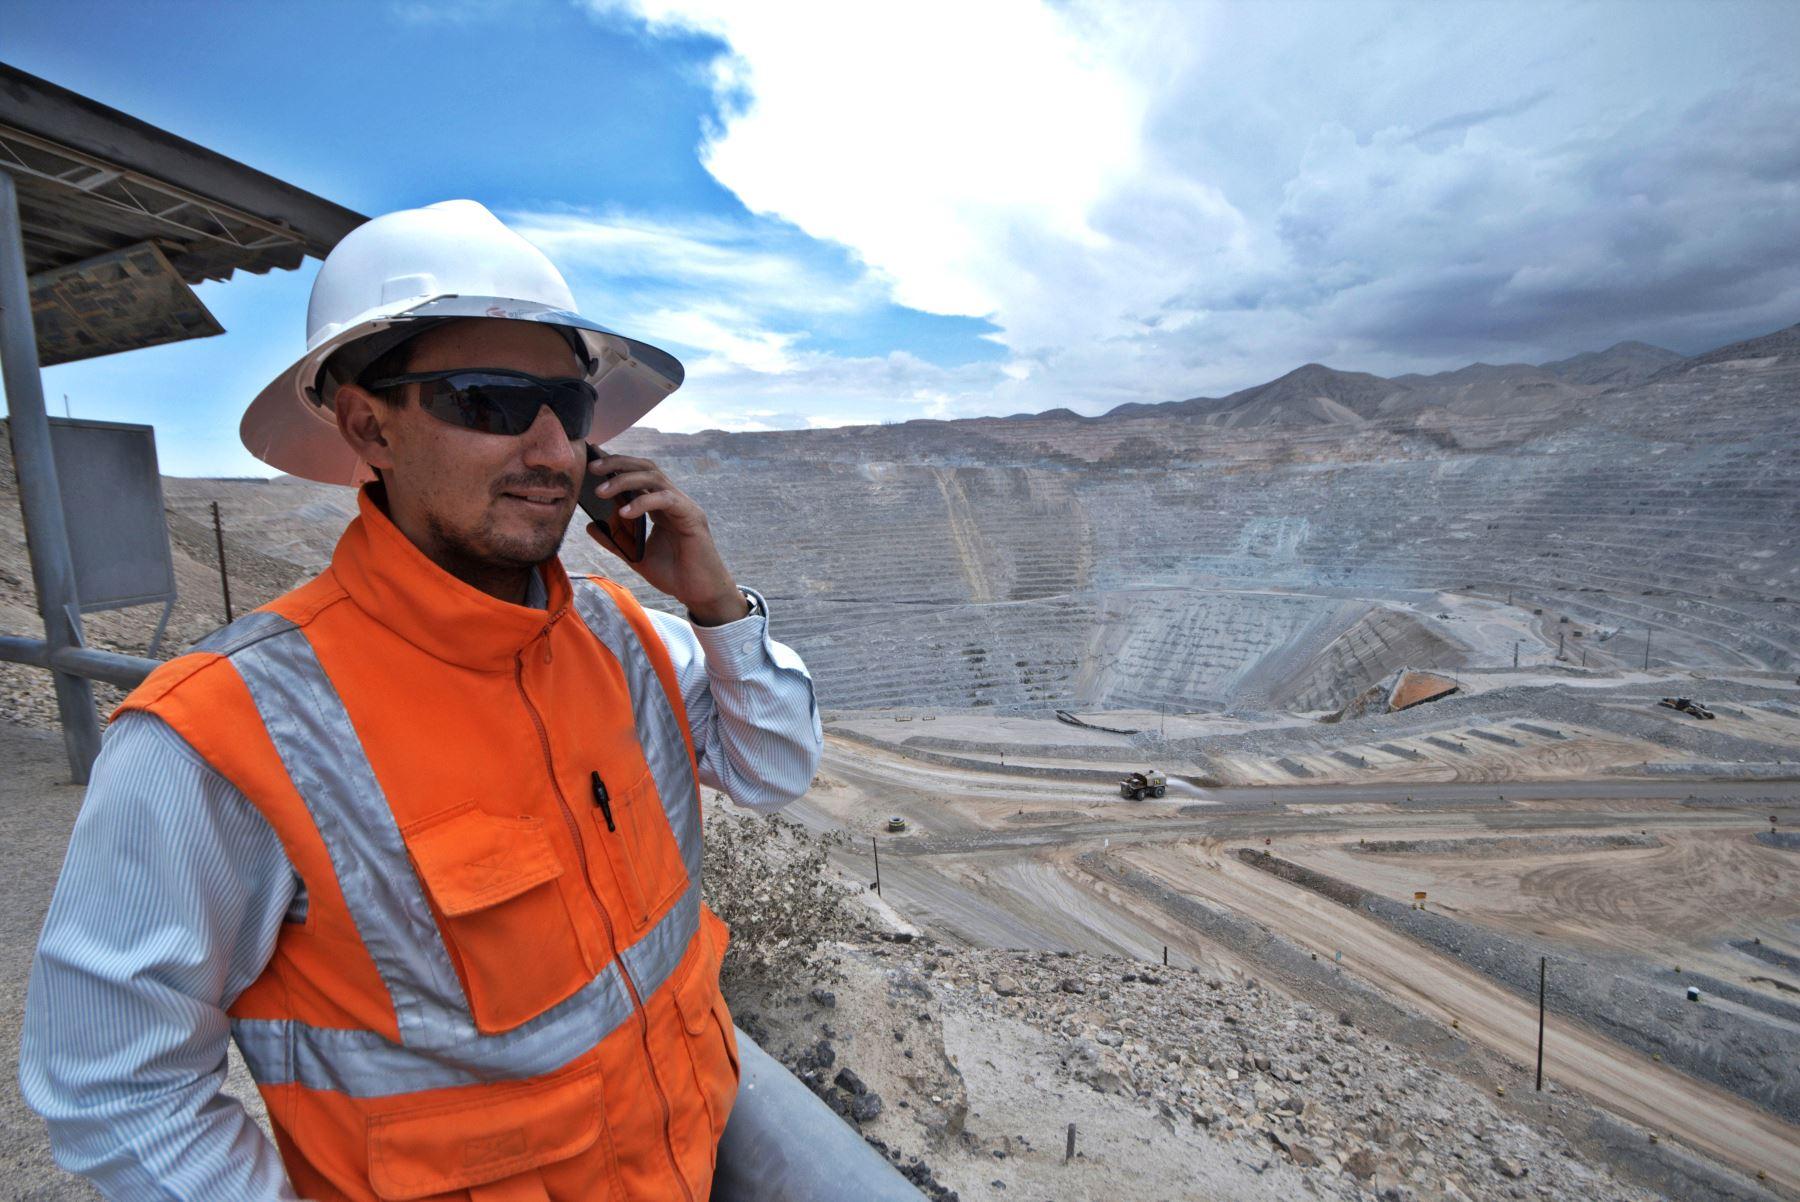 Chinese companies make up 21.68% of Peru's mining investment portfolio